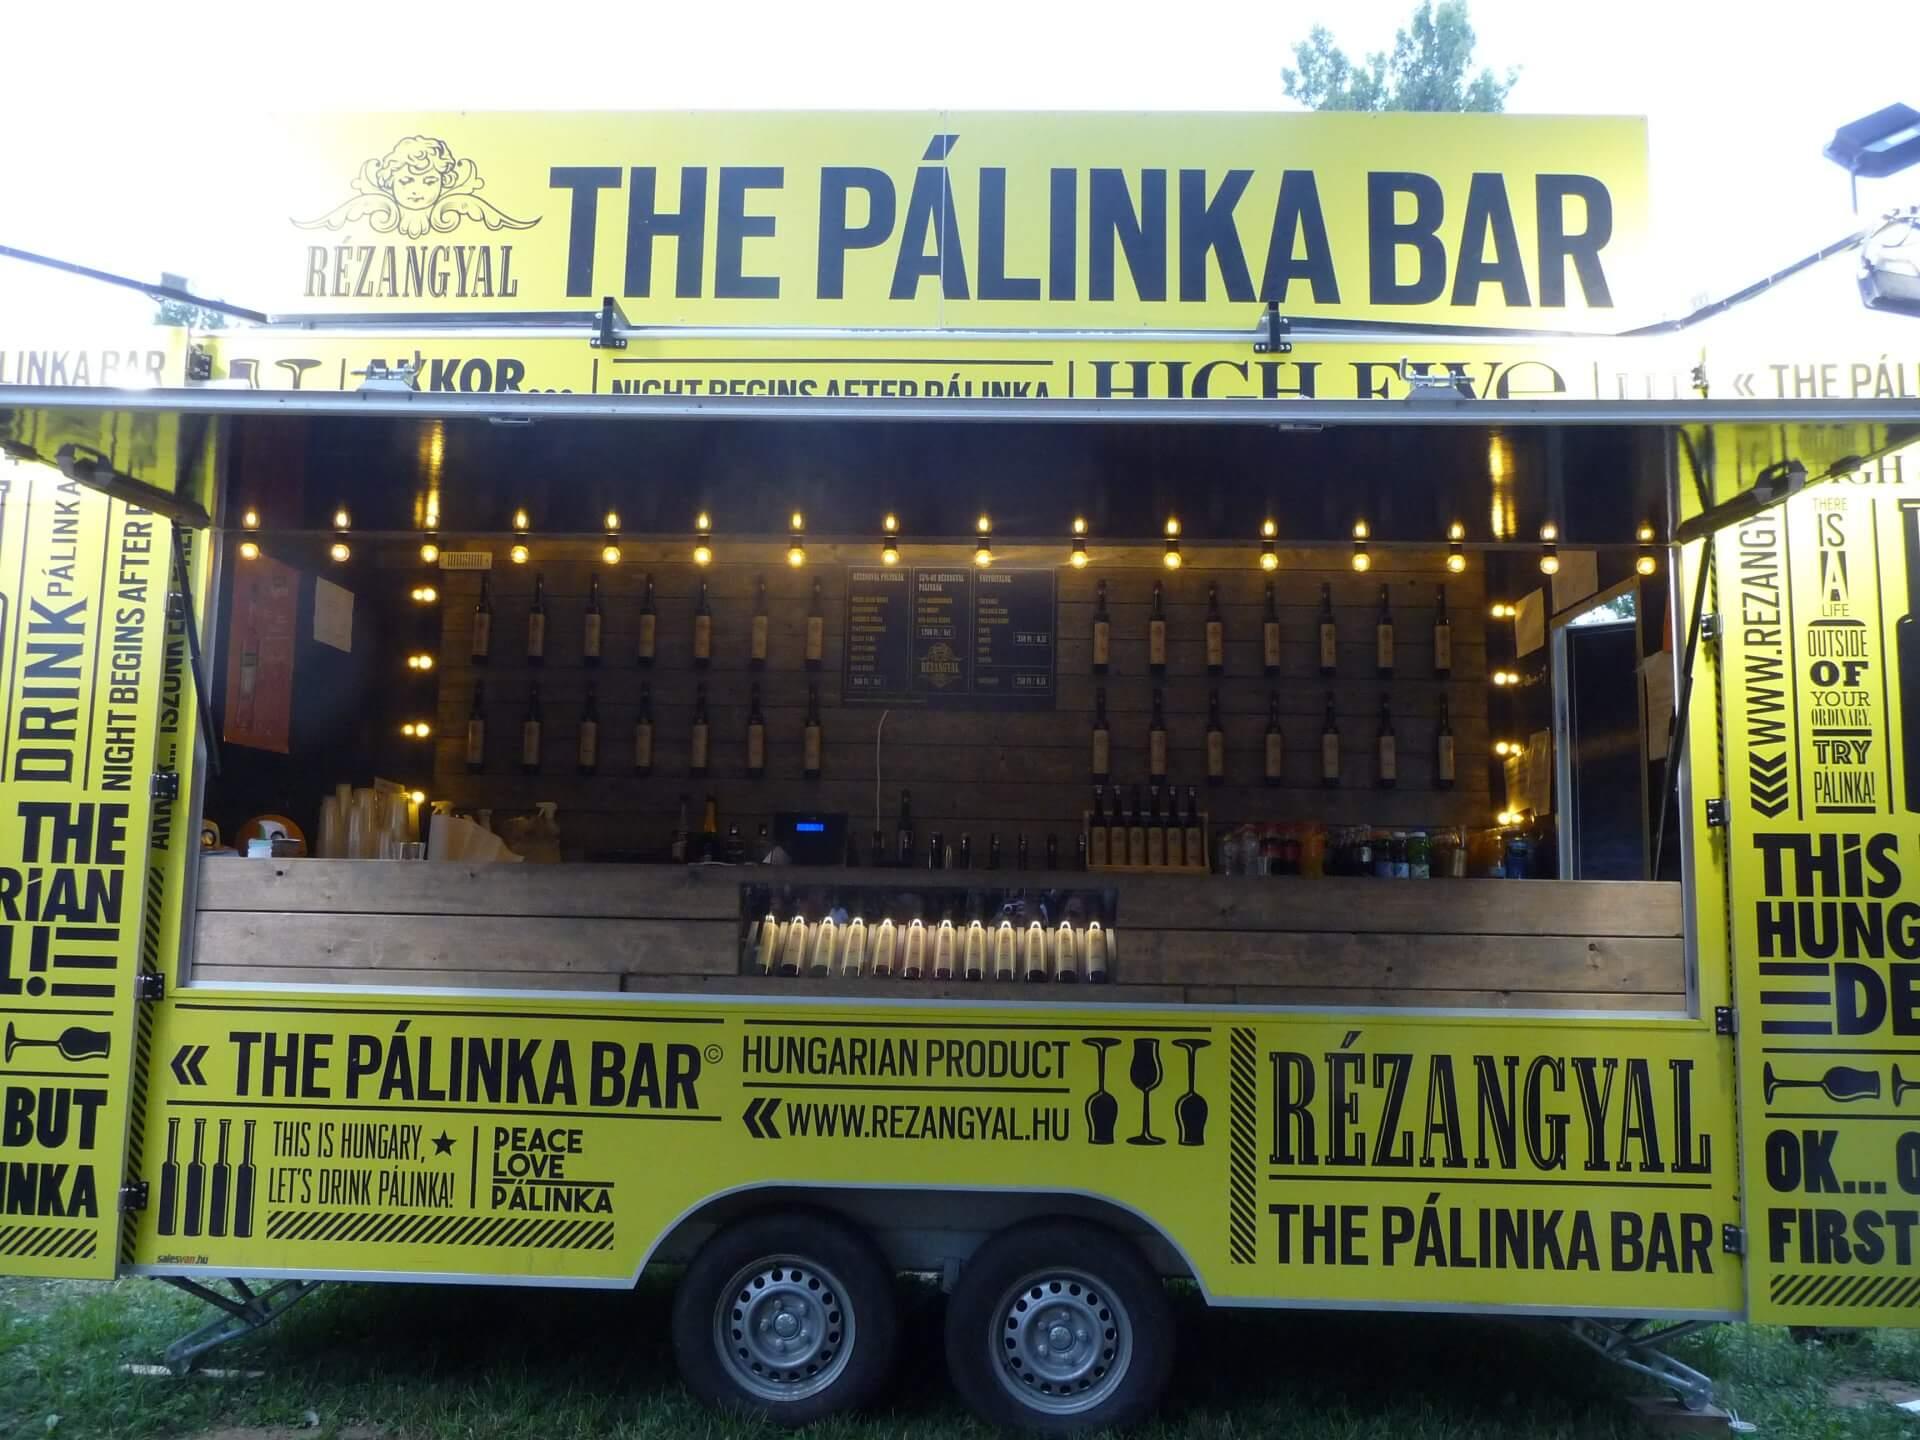 Pálinka ist immer eine gute Wahl